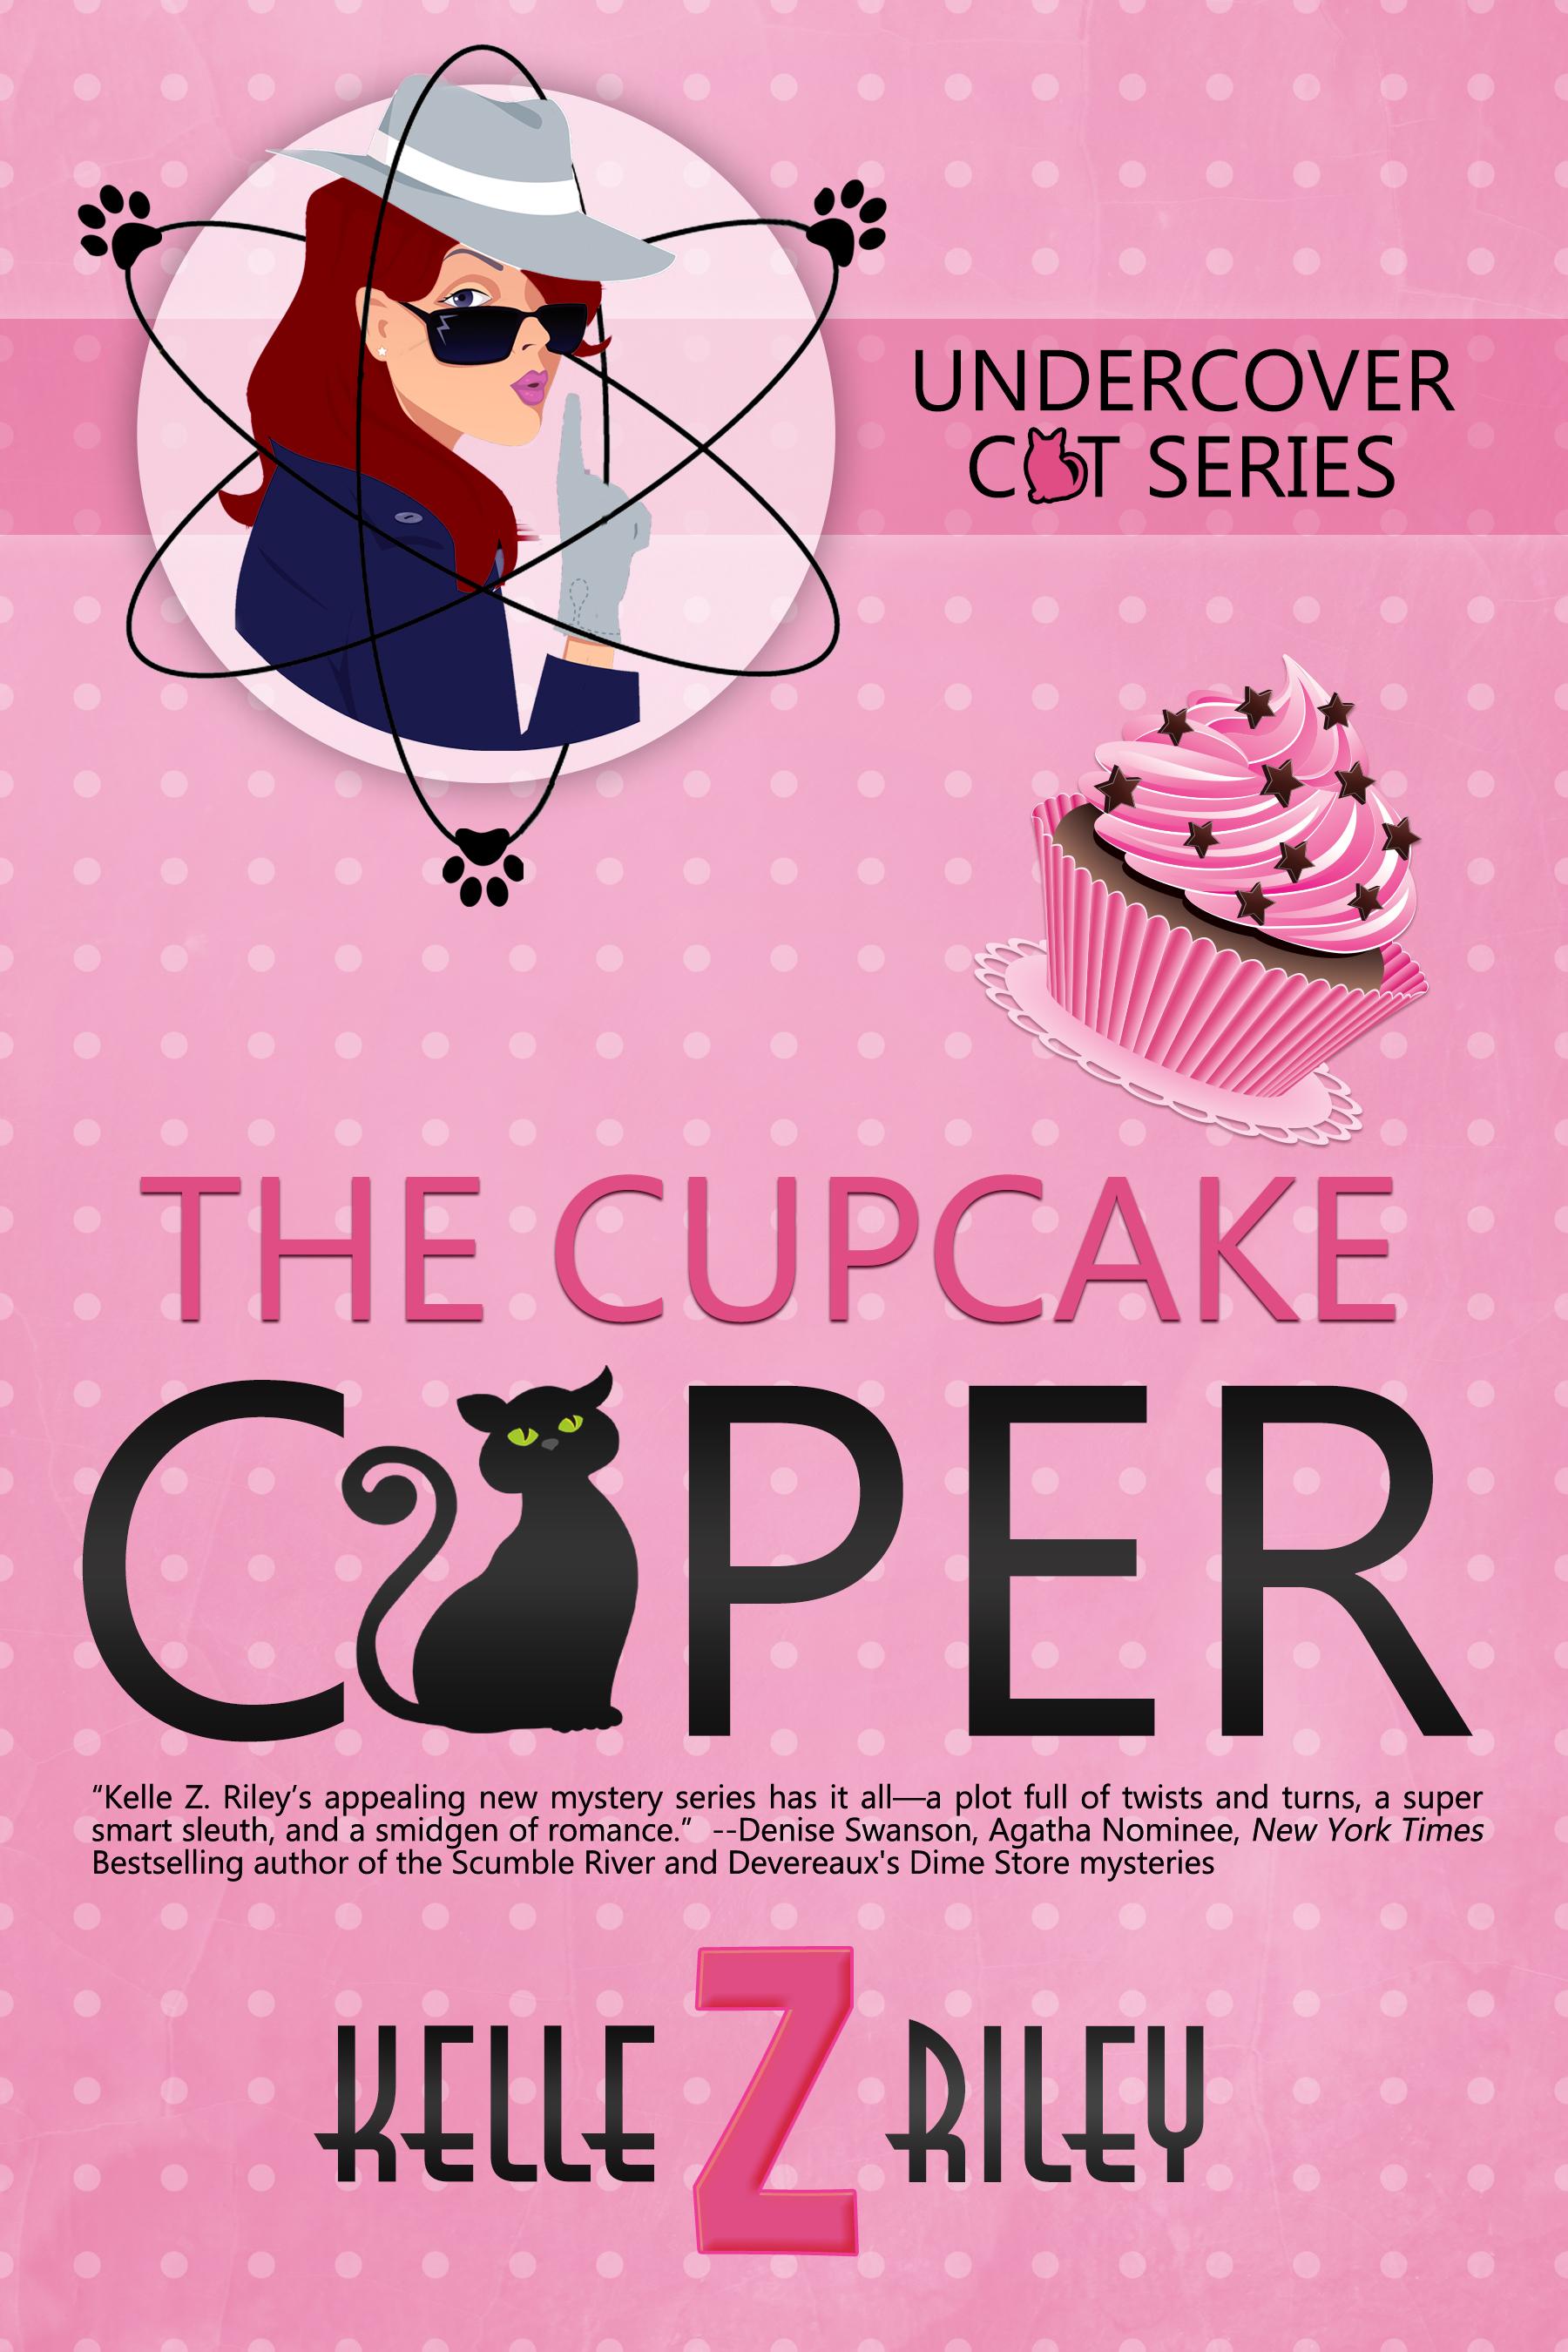 The_Cupcake_Caper_1800x2700 Ebook cover.jpg